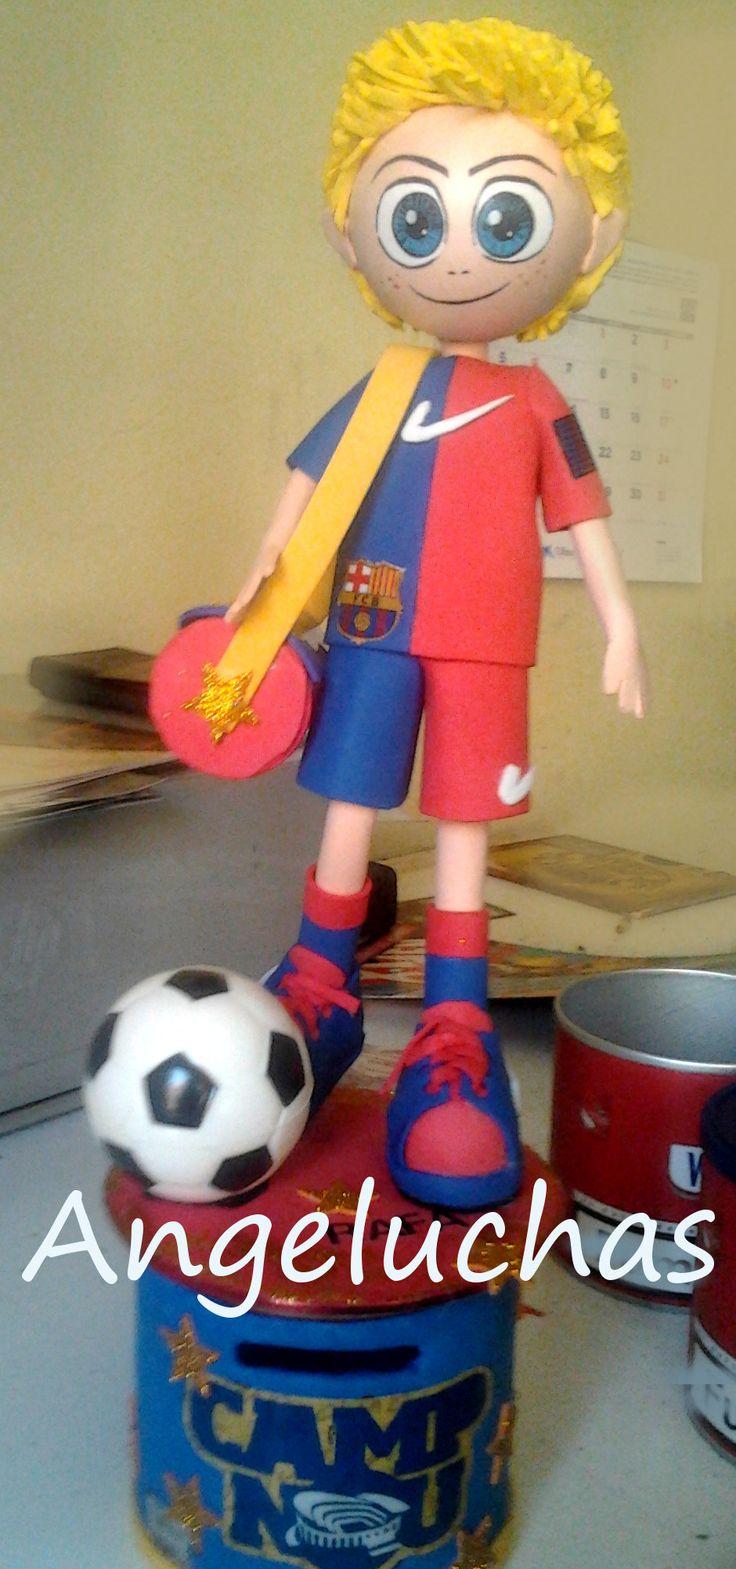 Fofuchas angeluchas: Muñecas fofuchas artesanales y originales: Jugador del Barça